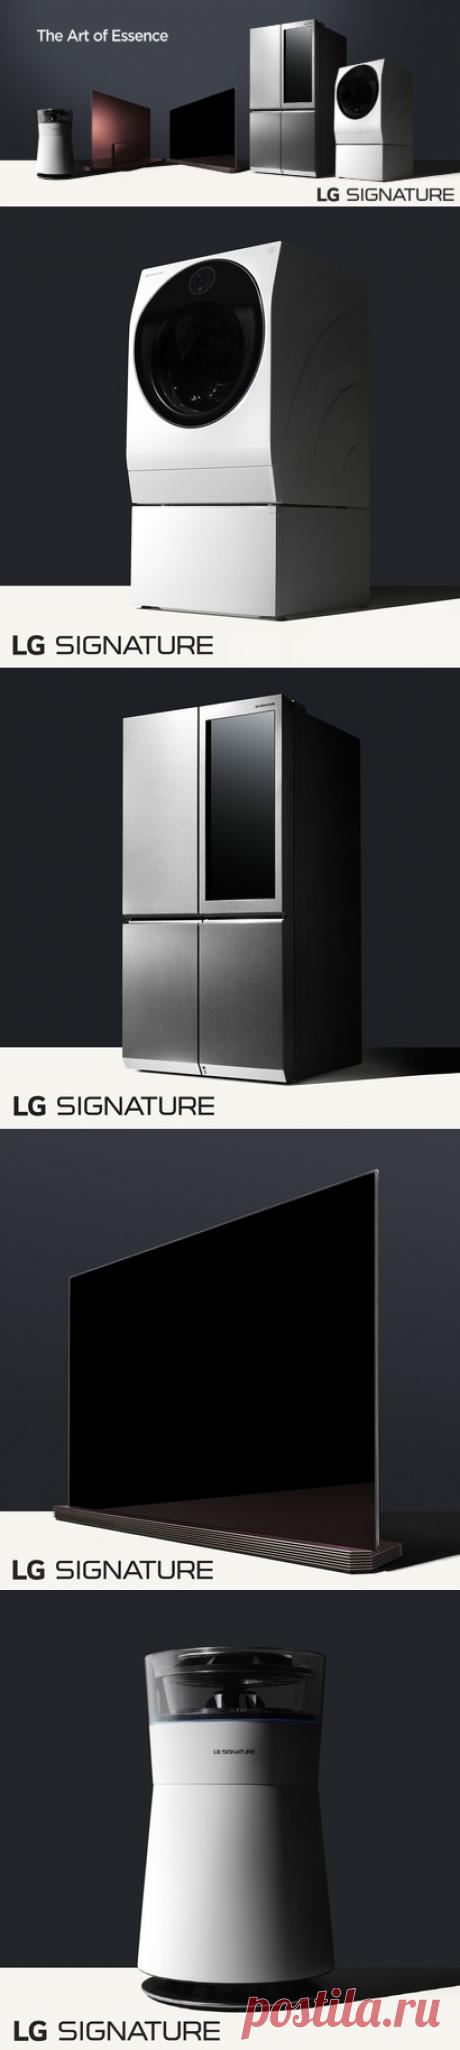 Представлен уникальный телевизор толщиной 2,57 мм и самооткрывающийся холодильник - Hi-Tech Mail.Ru